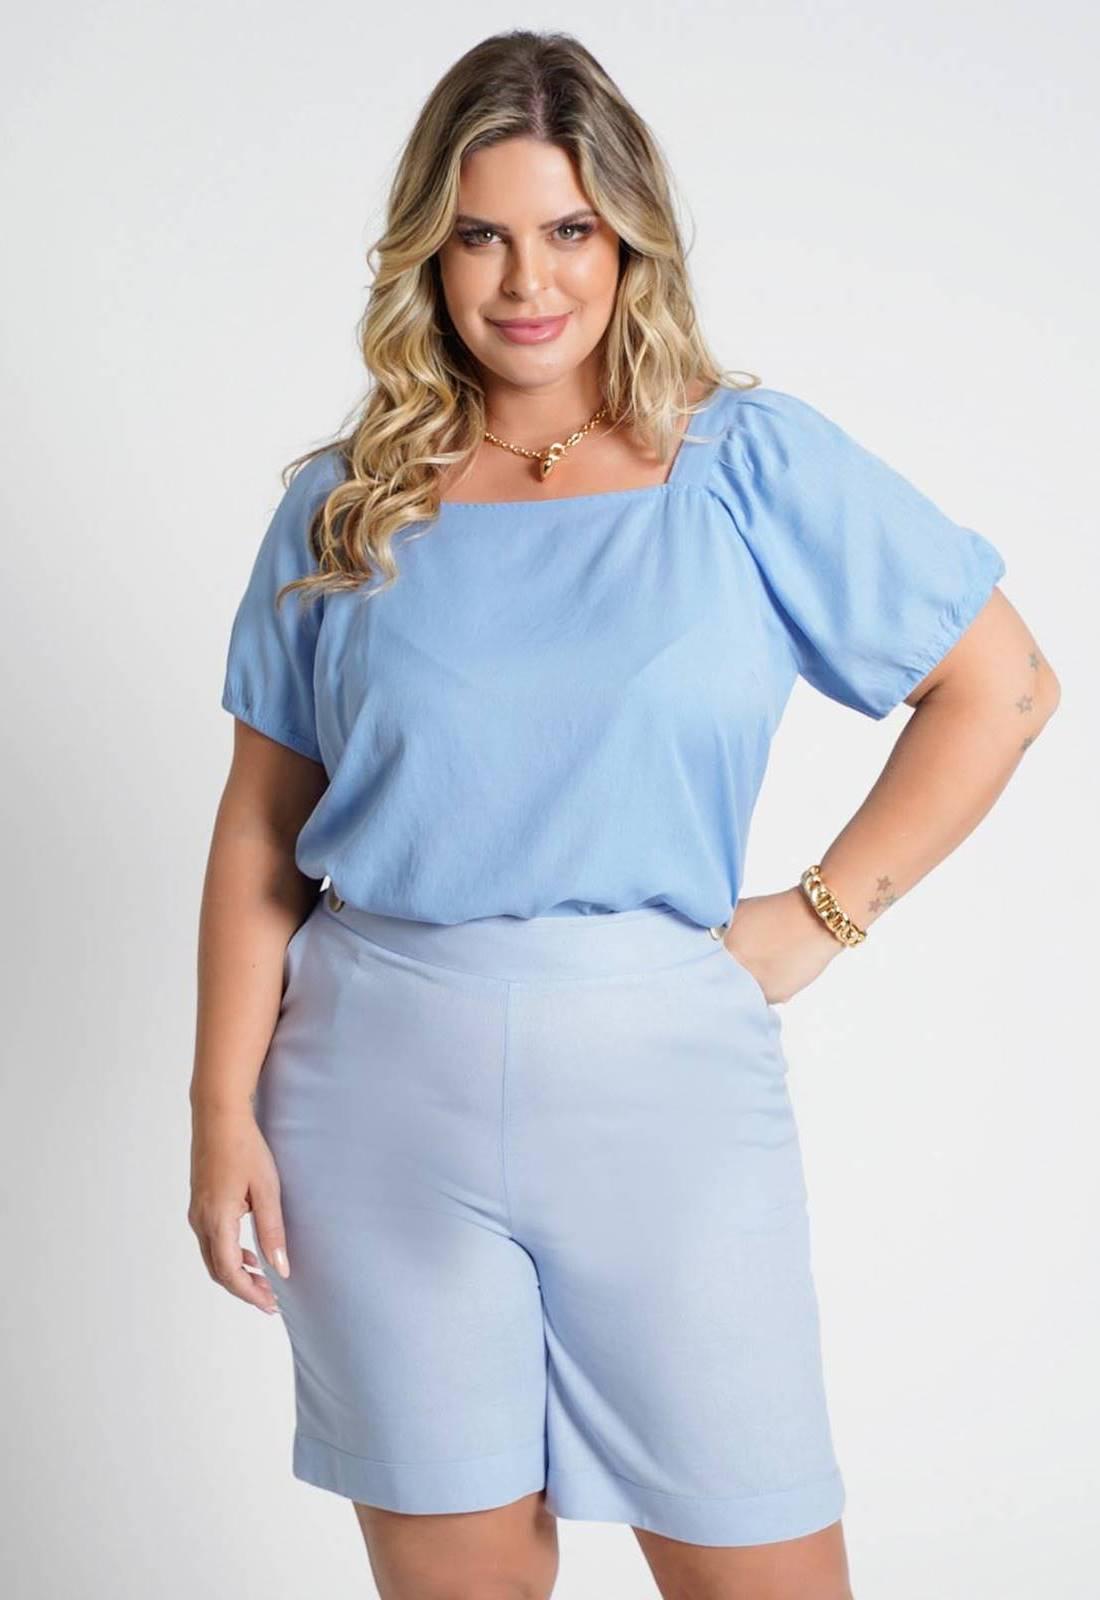 Blusa lisa com amarração costas azul Ref. U77121